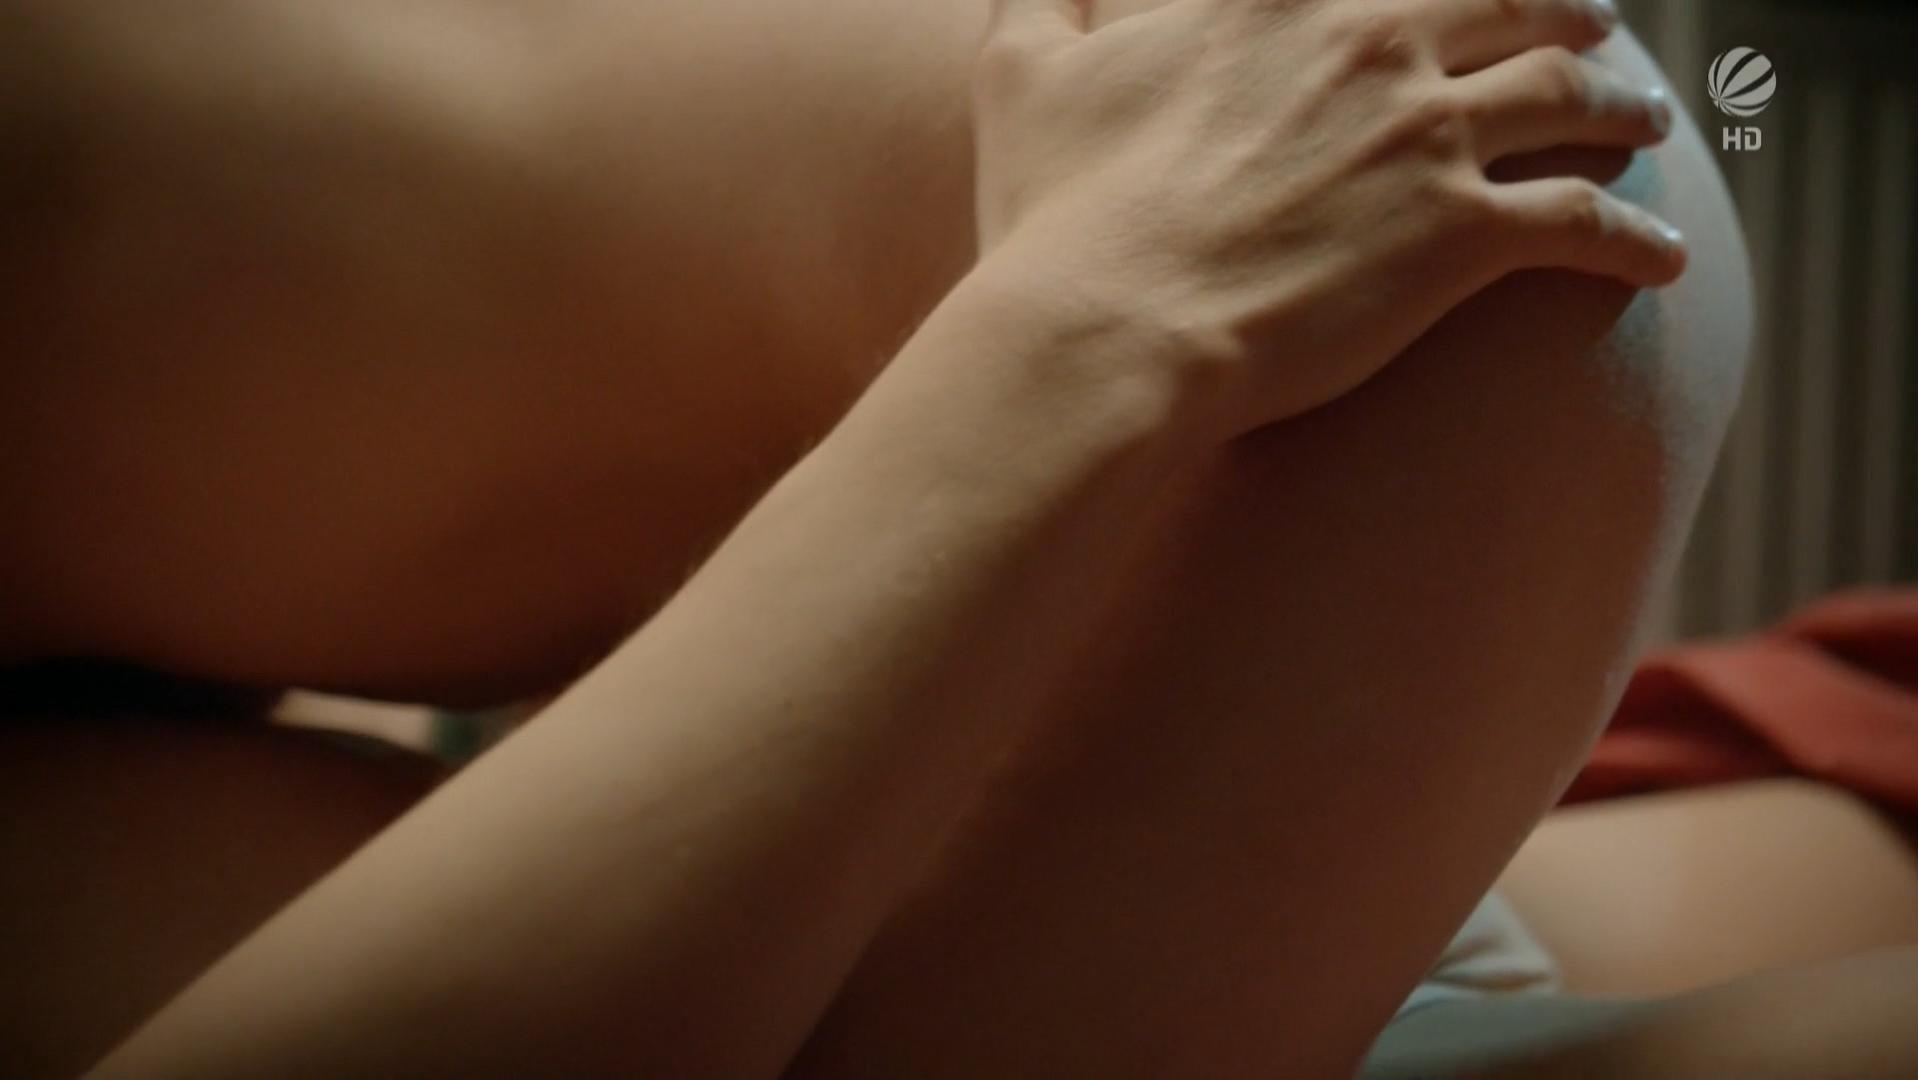 Kristina Doerfer nude - Auf Herz und Nieren s01e01 (2012)